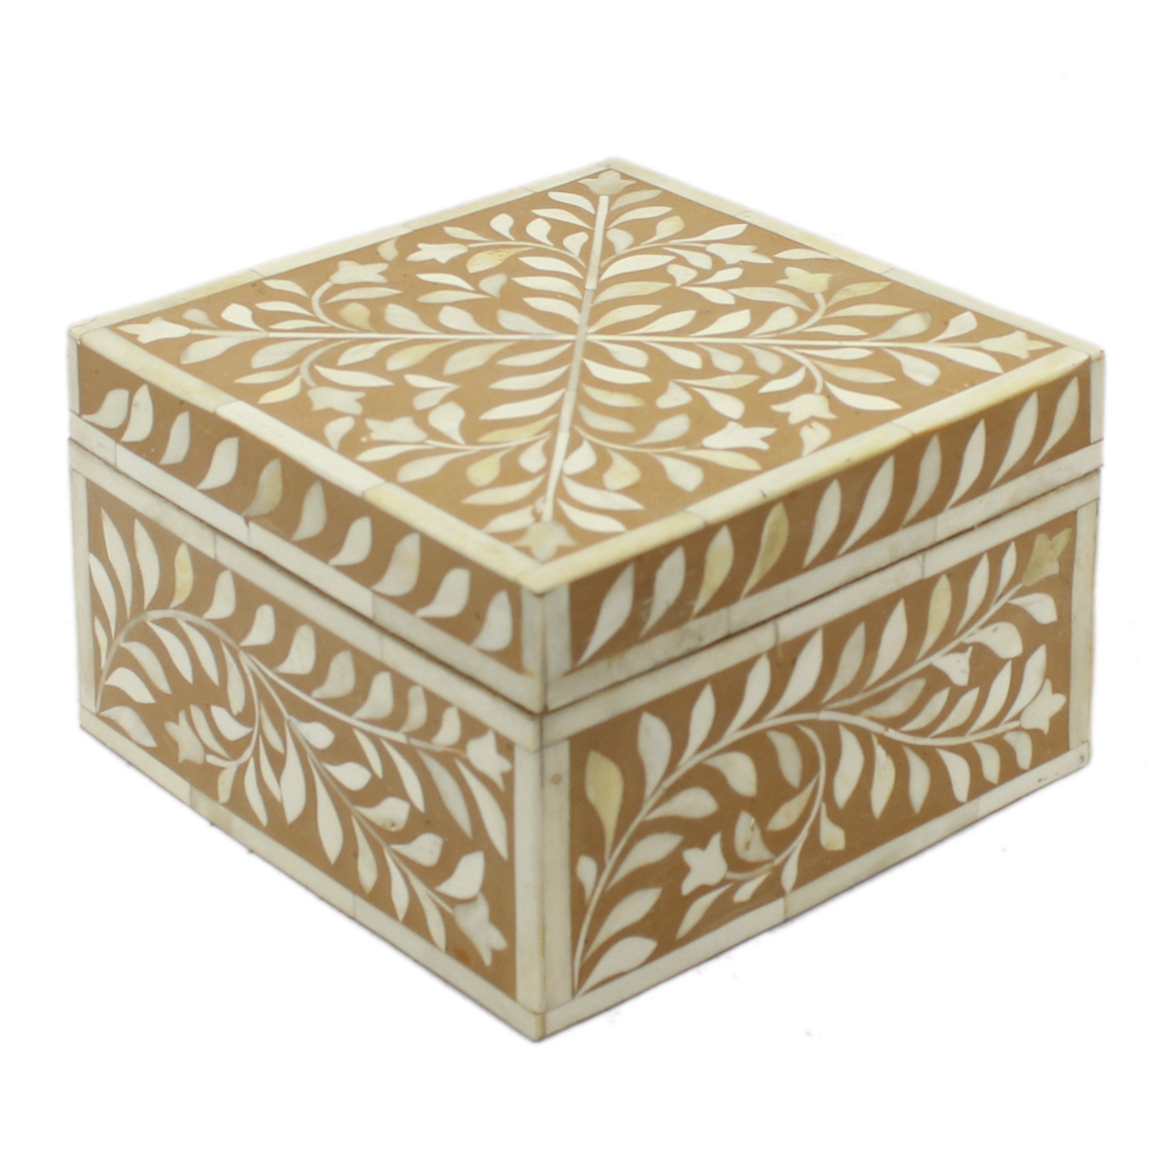 Decorative Bone Boxes : Tan brown bone inlay decorative box roomattic